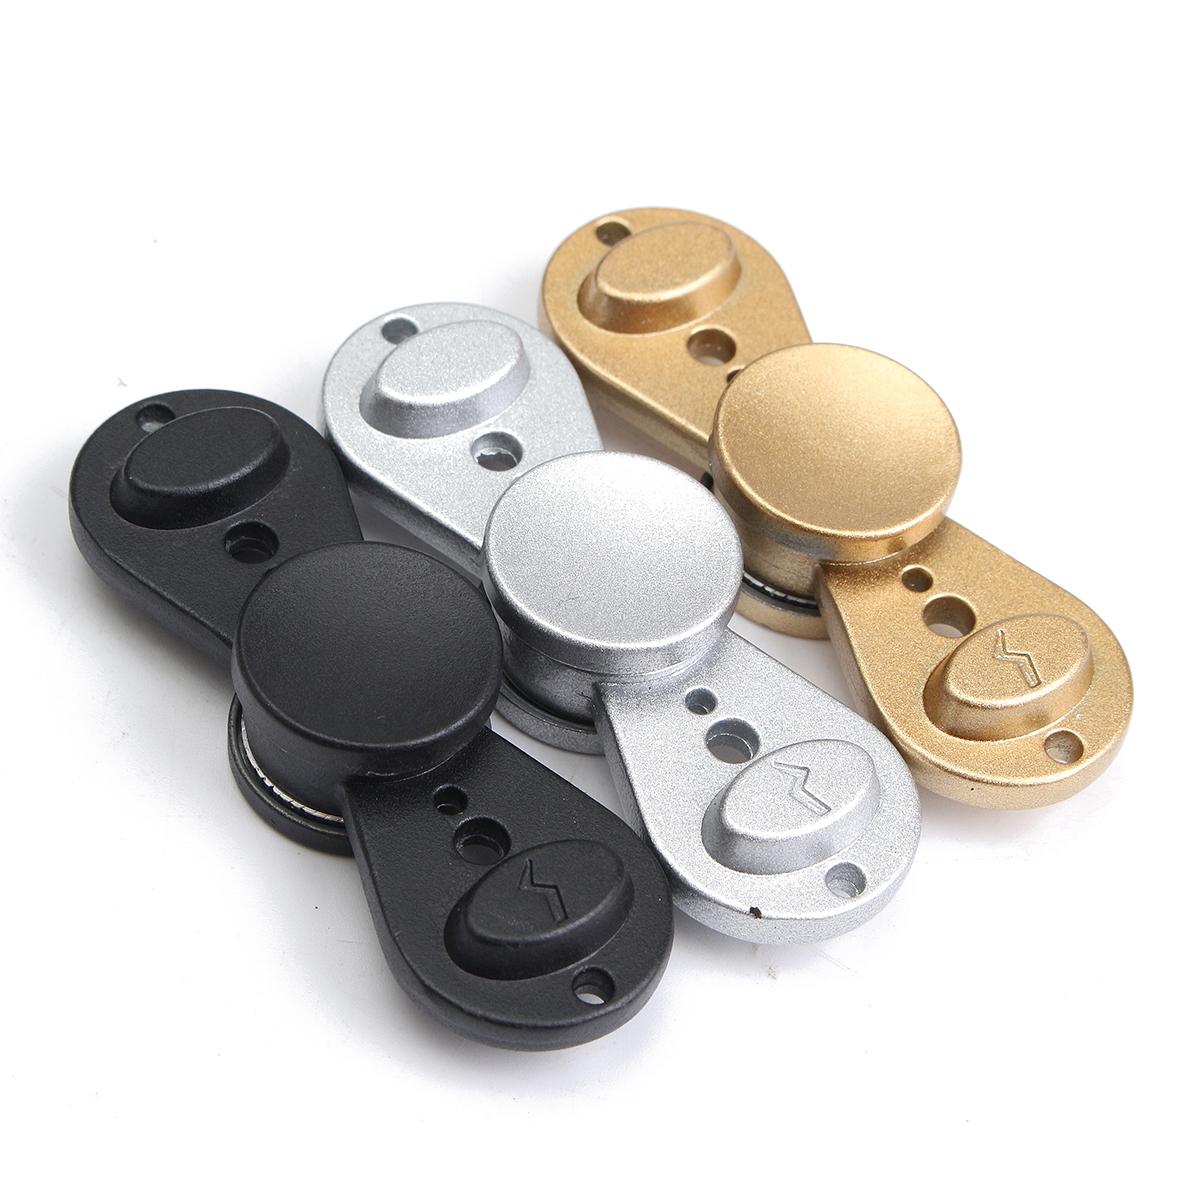 EDC Hand Spinner Finger Spinner Fidget Gadget Fingertip Spiral Focus Gyro Tool